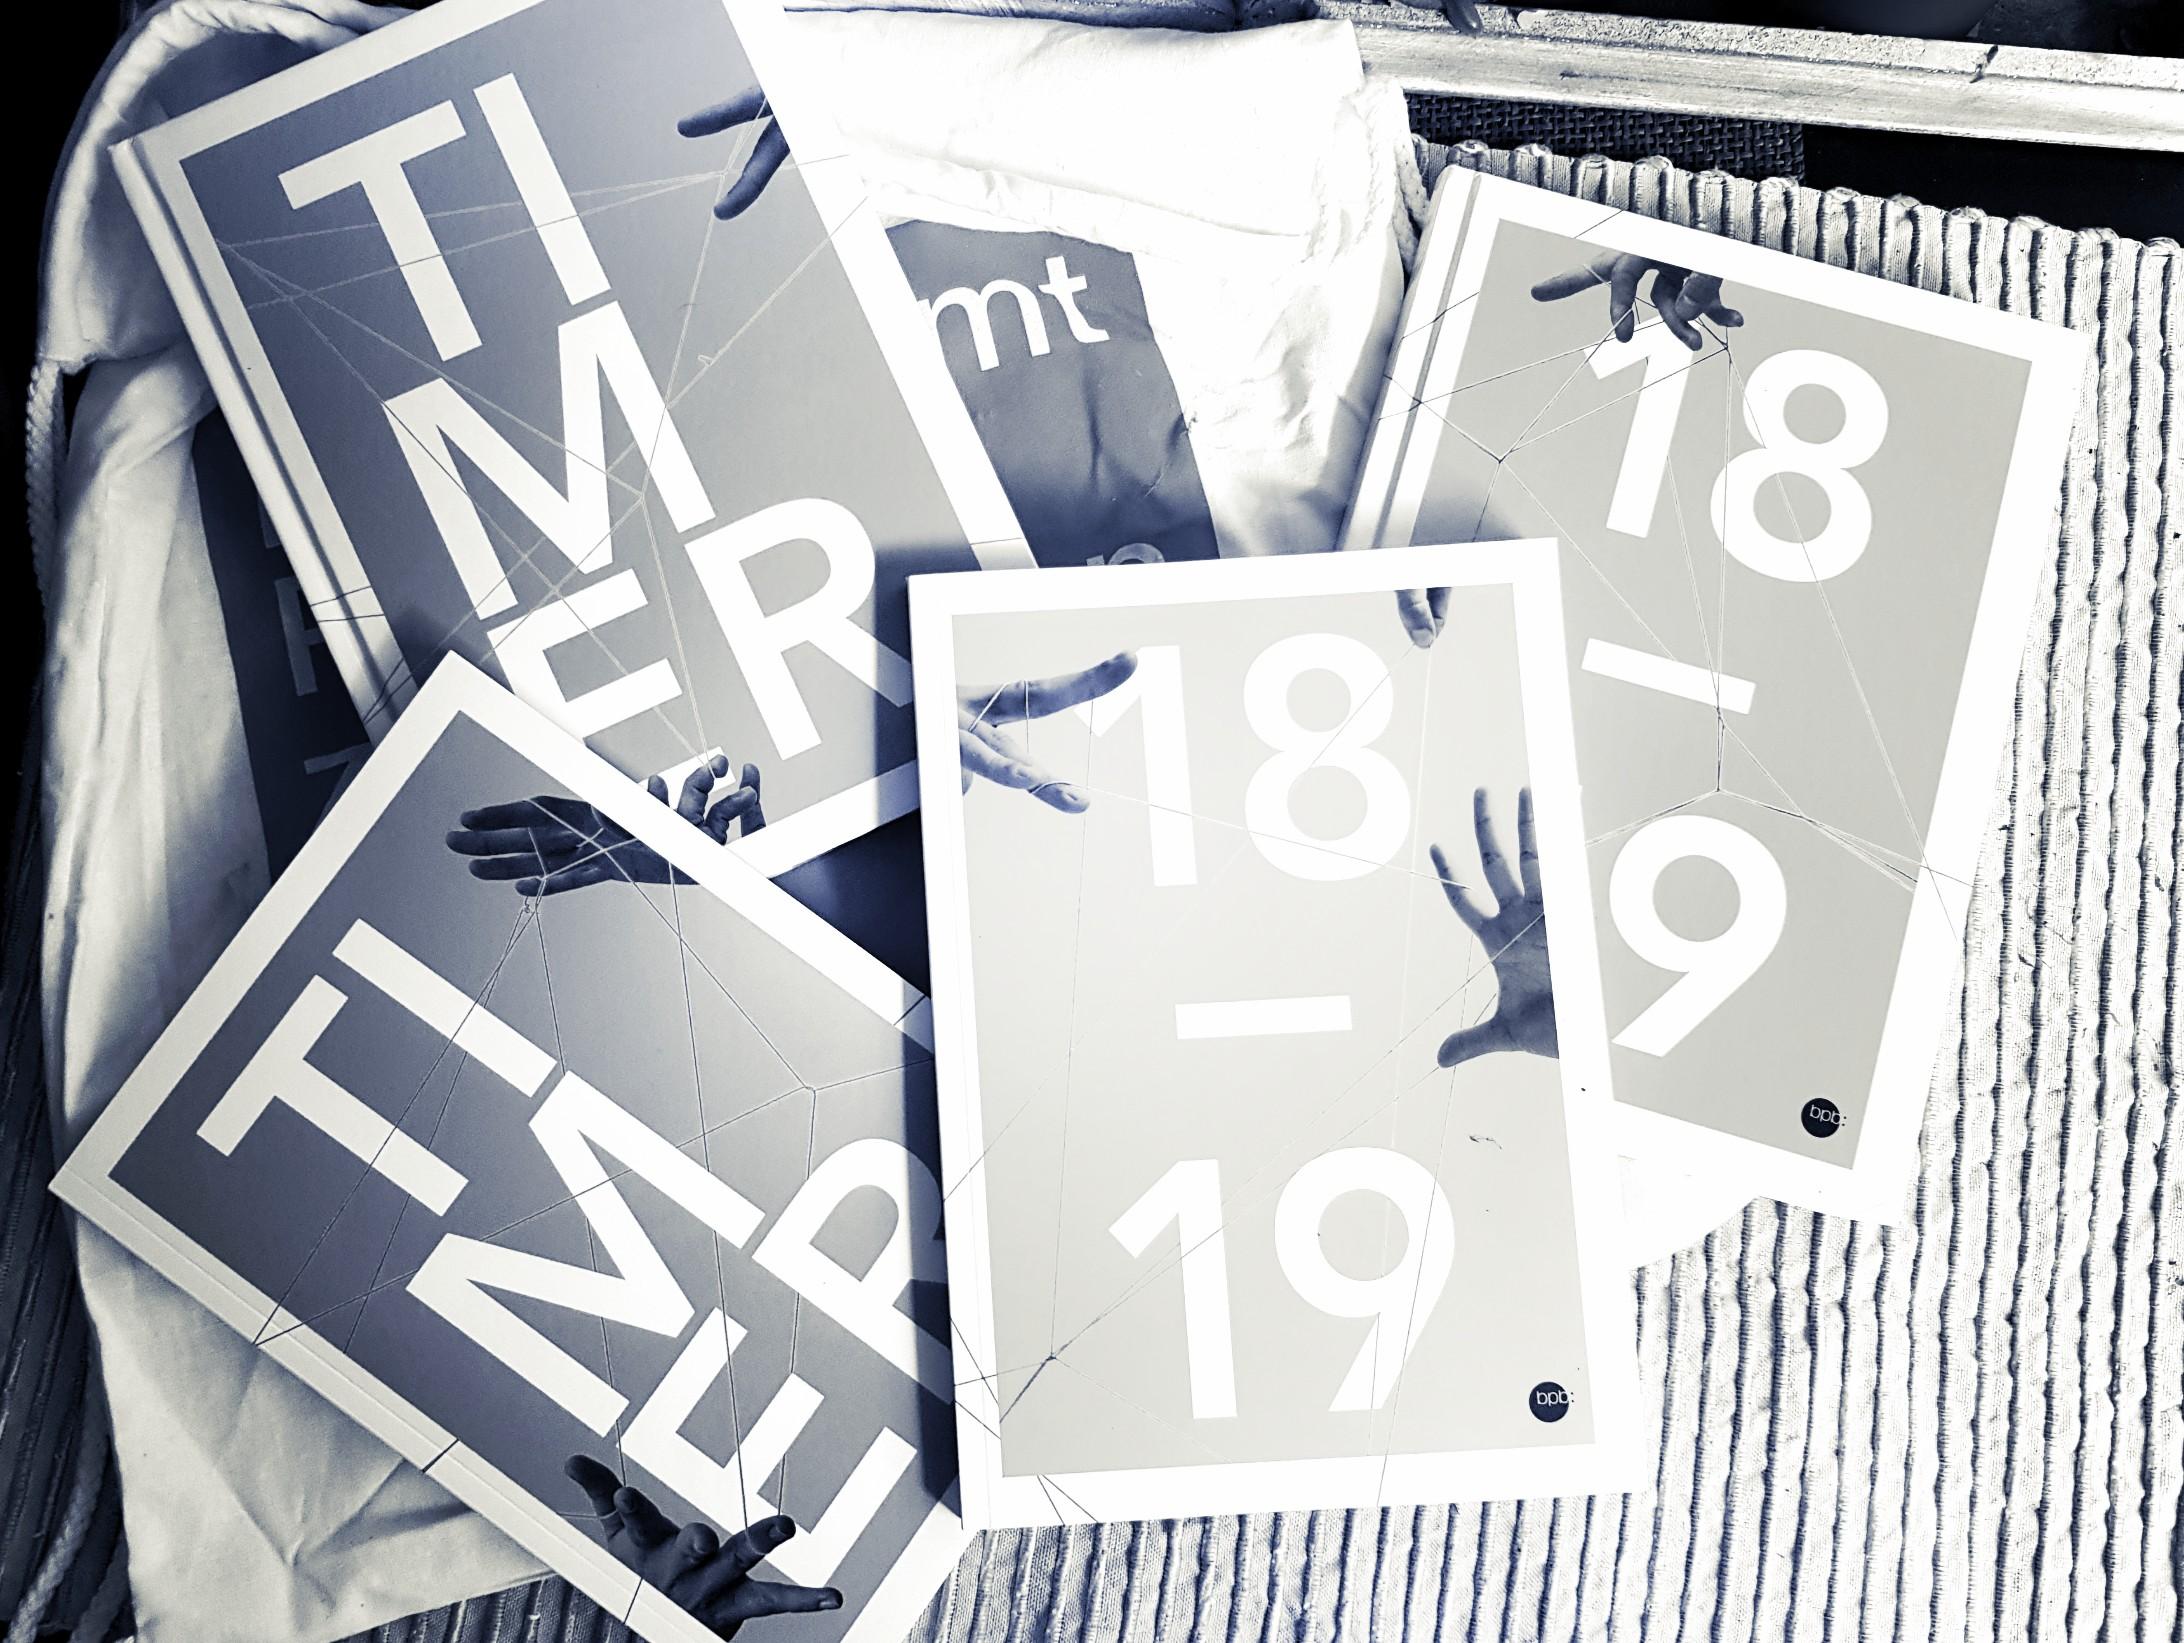 [Werbung] Unboxing: Timer der Bundeszentrale für politische Bildung + Gewinnspiel